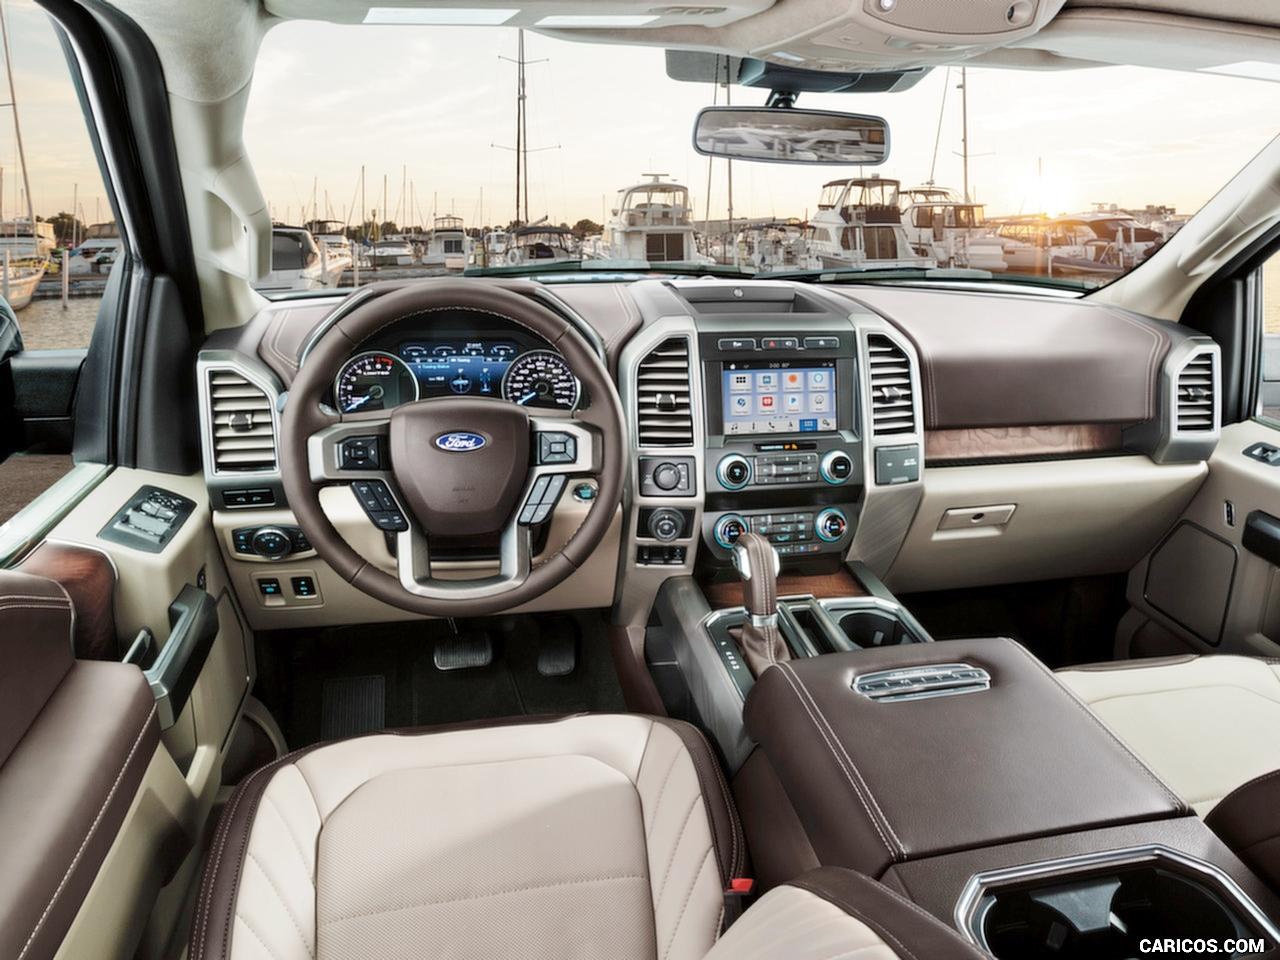 Ford-F-150-2019-ban-gioi-han-manh-toi-450-ma-luc-anh-4